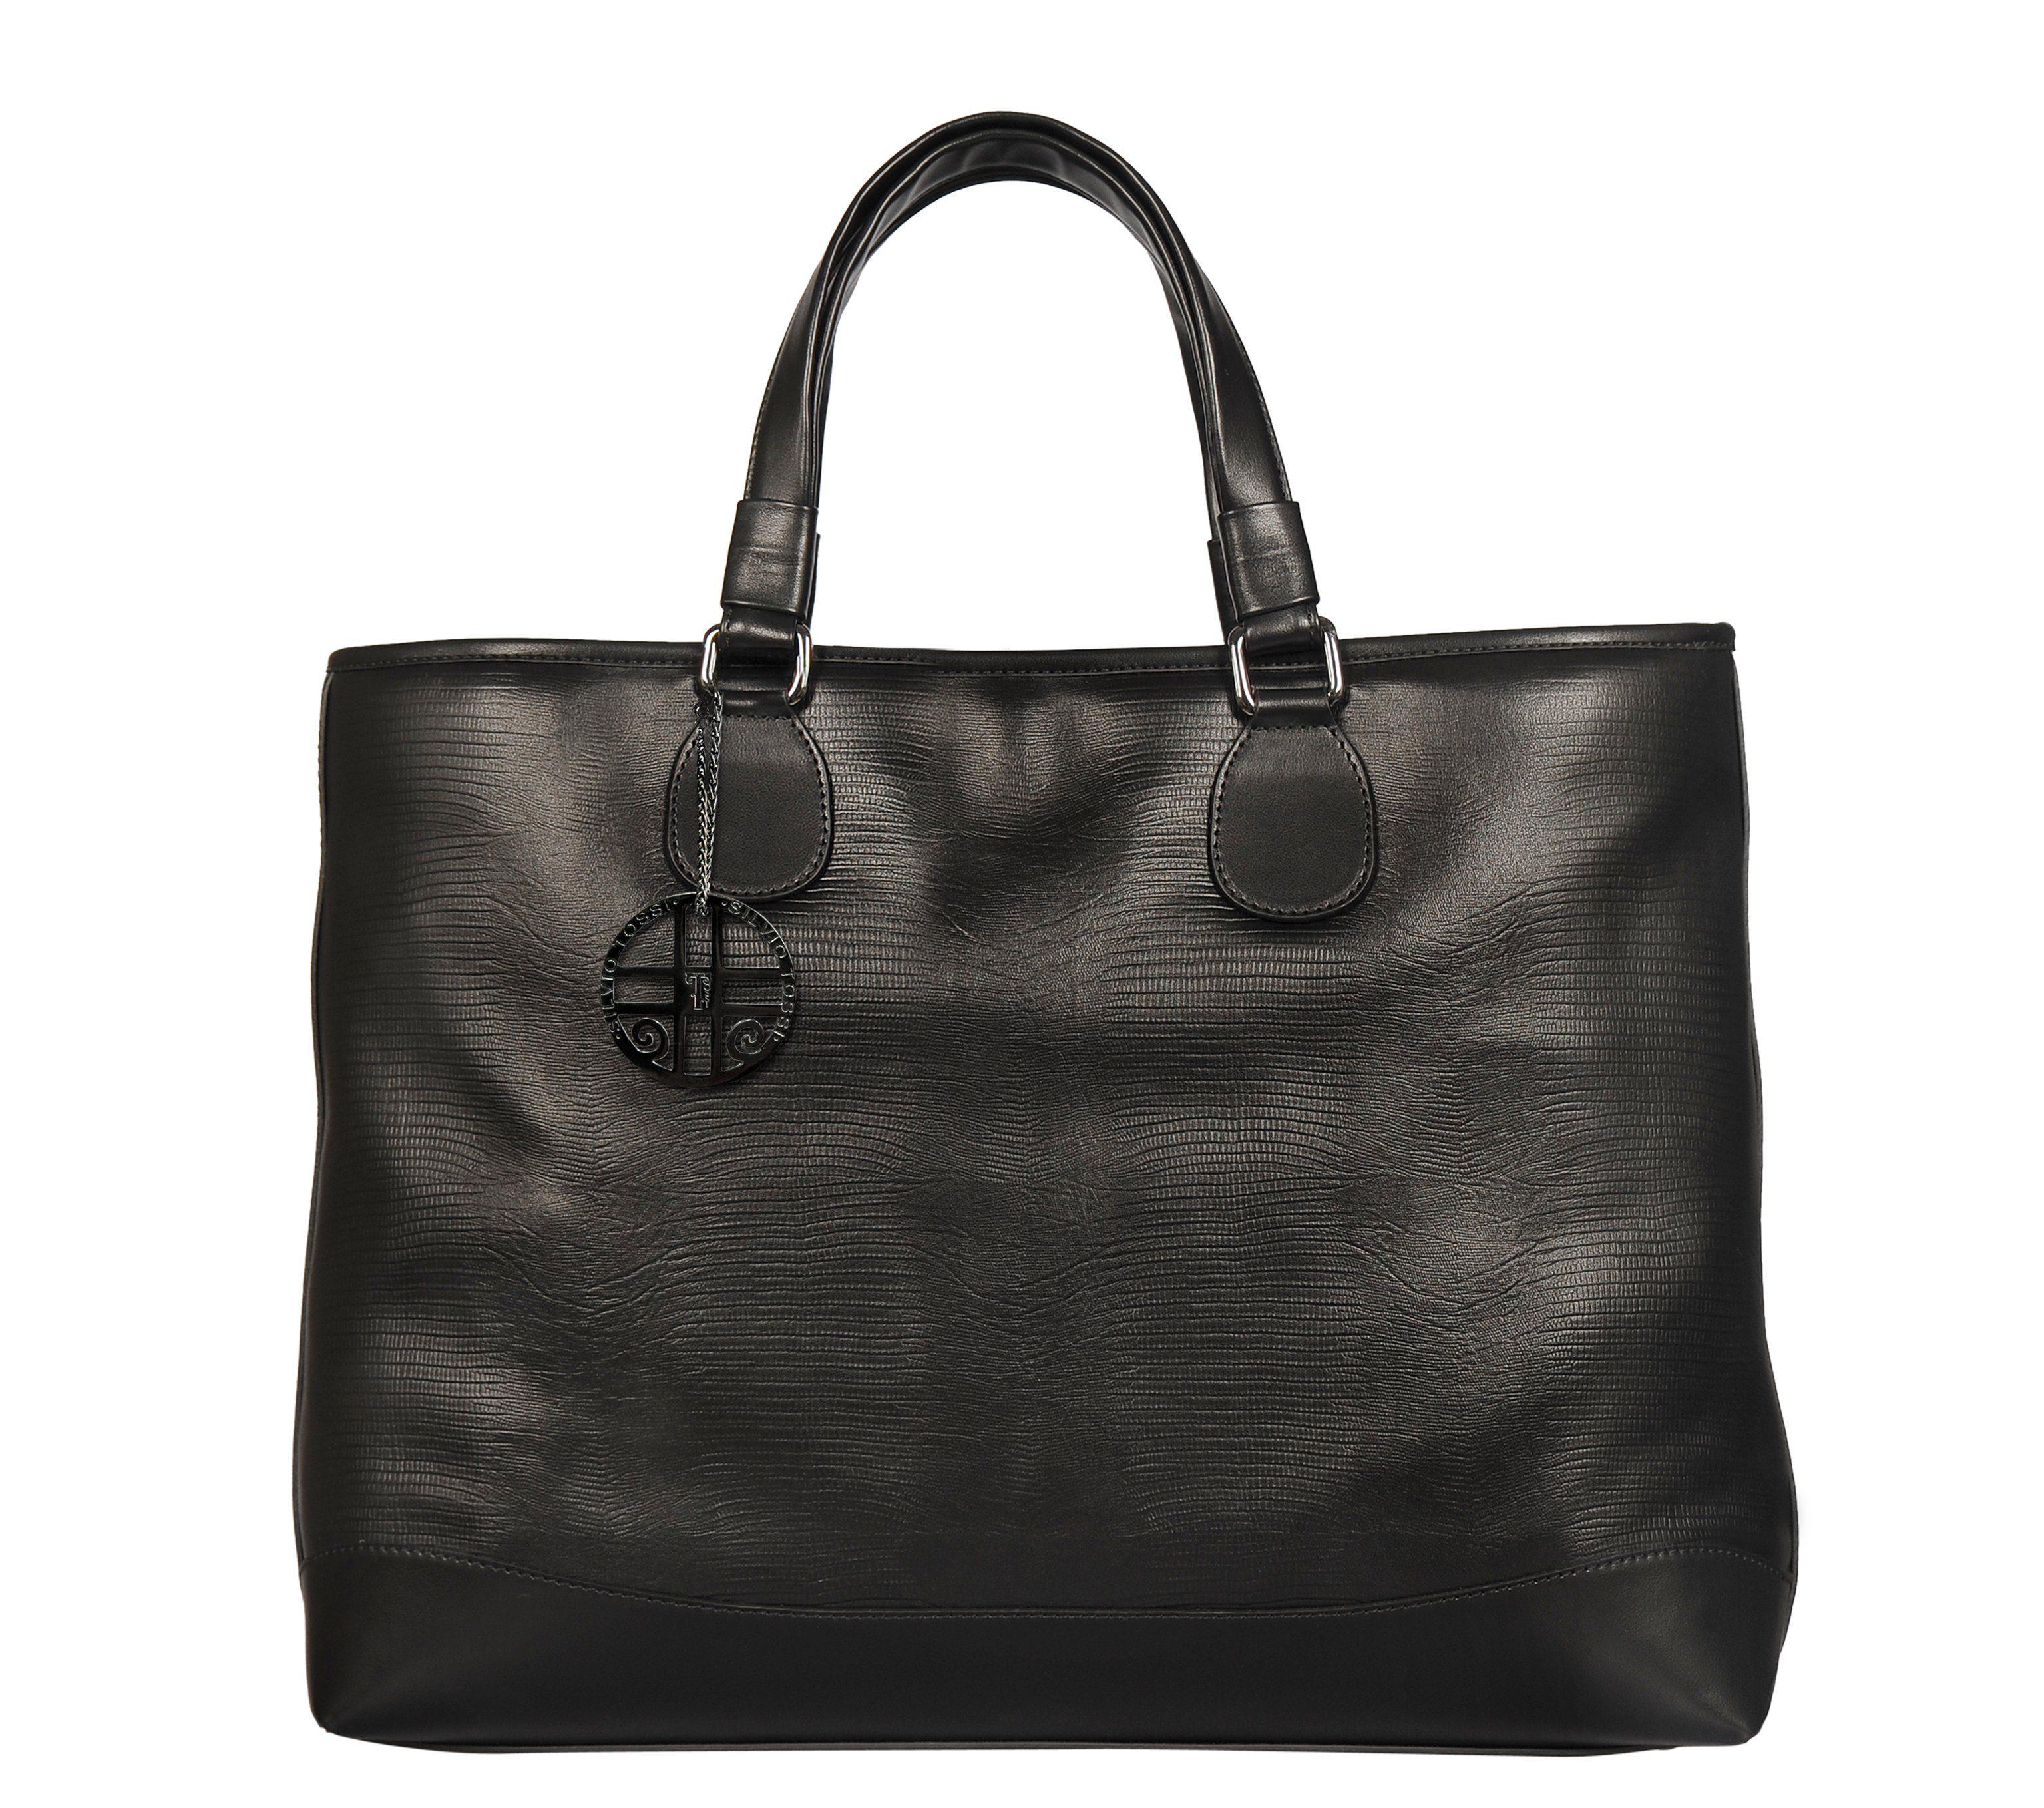 Silvio Tossi Tasche im Echsen-Design